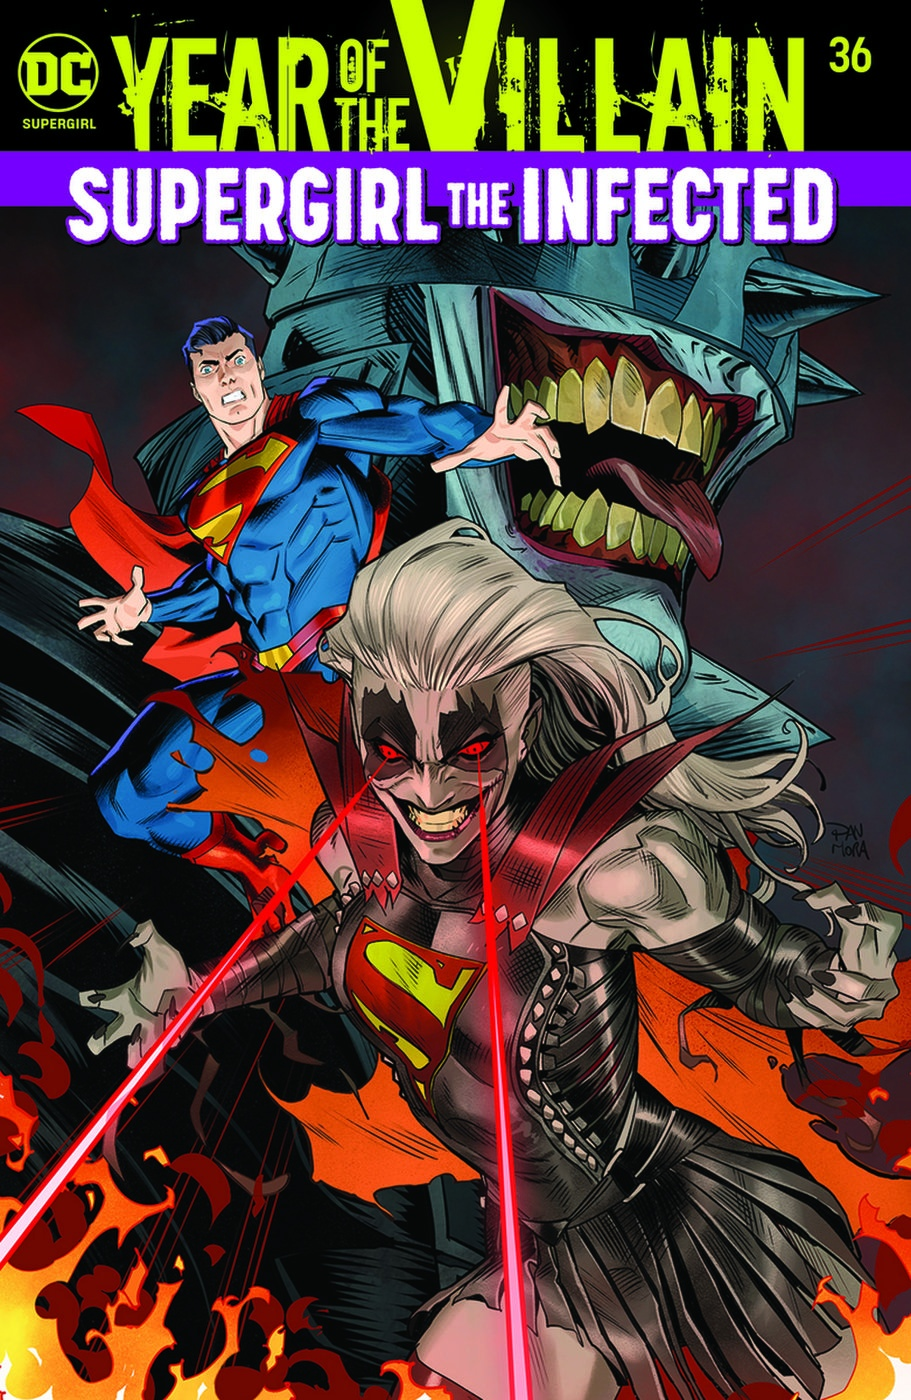 Стали известны еще двое супергероев, попавших под влияние Бэтмена-Джокера. Среди них Супергерл